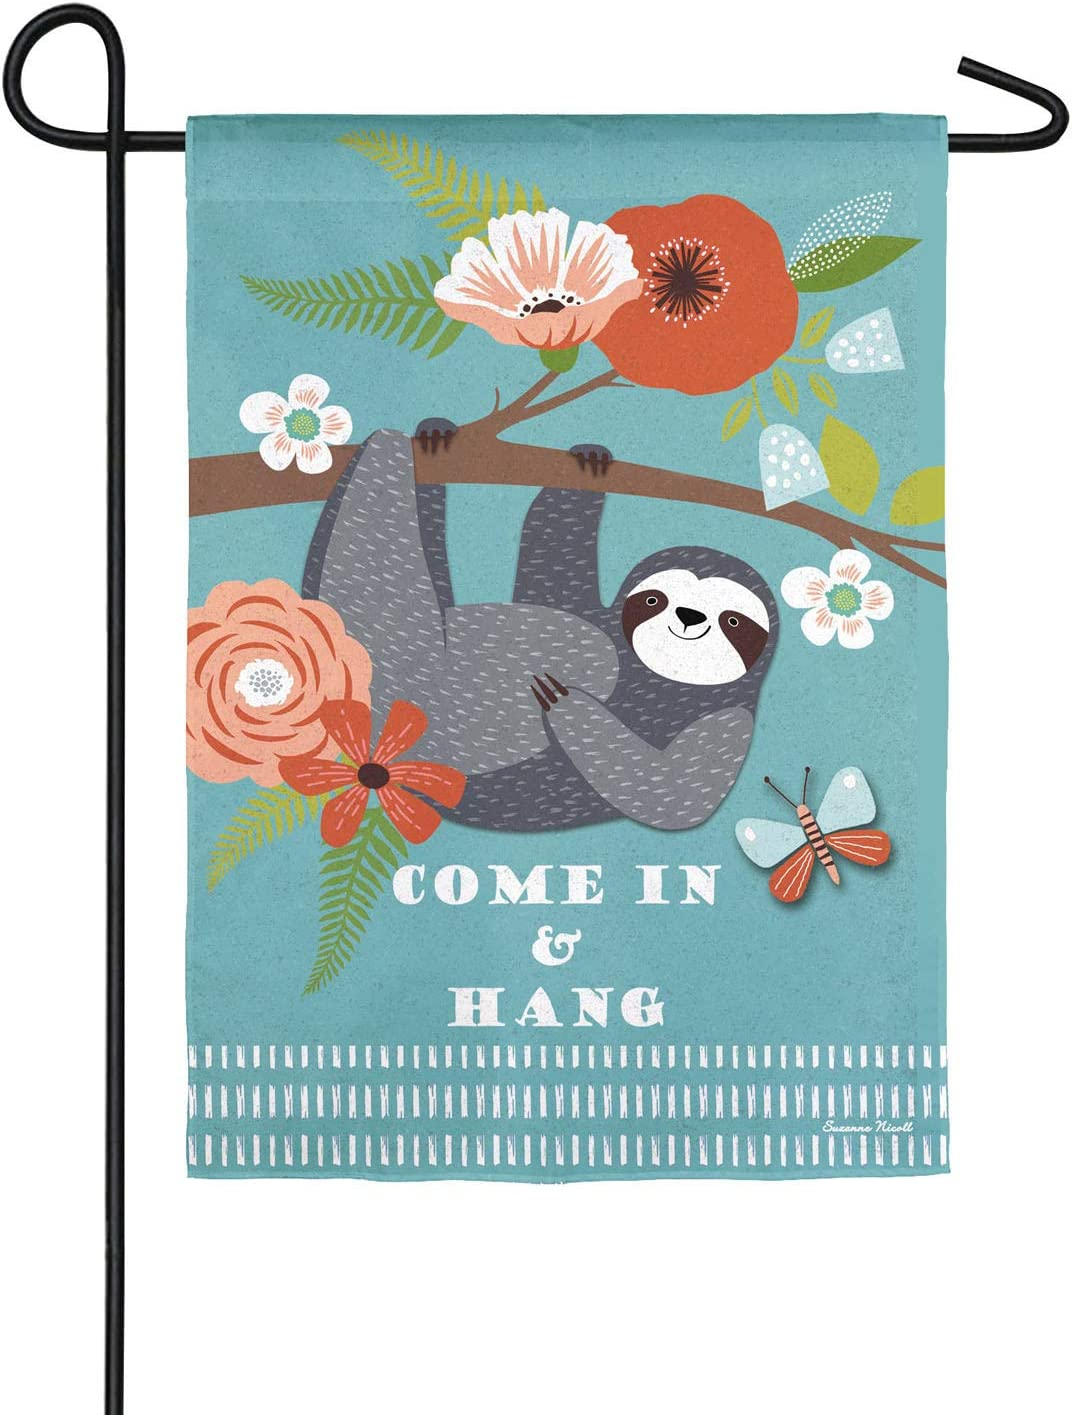 Amazon Com Come In And Hang Sloth Garden Suede Flag 13 X 1 X 18 Inches Garden Outdoor